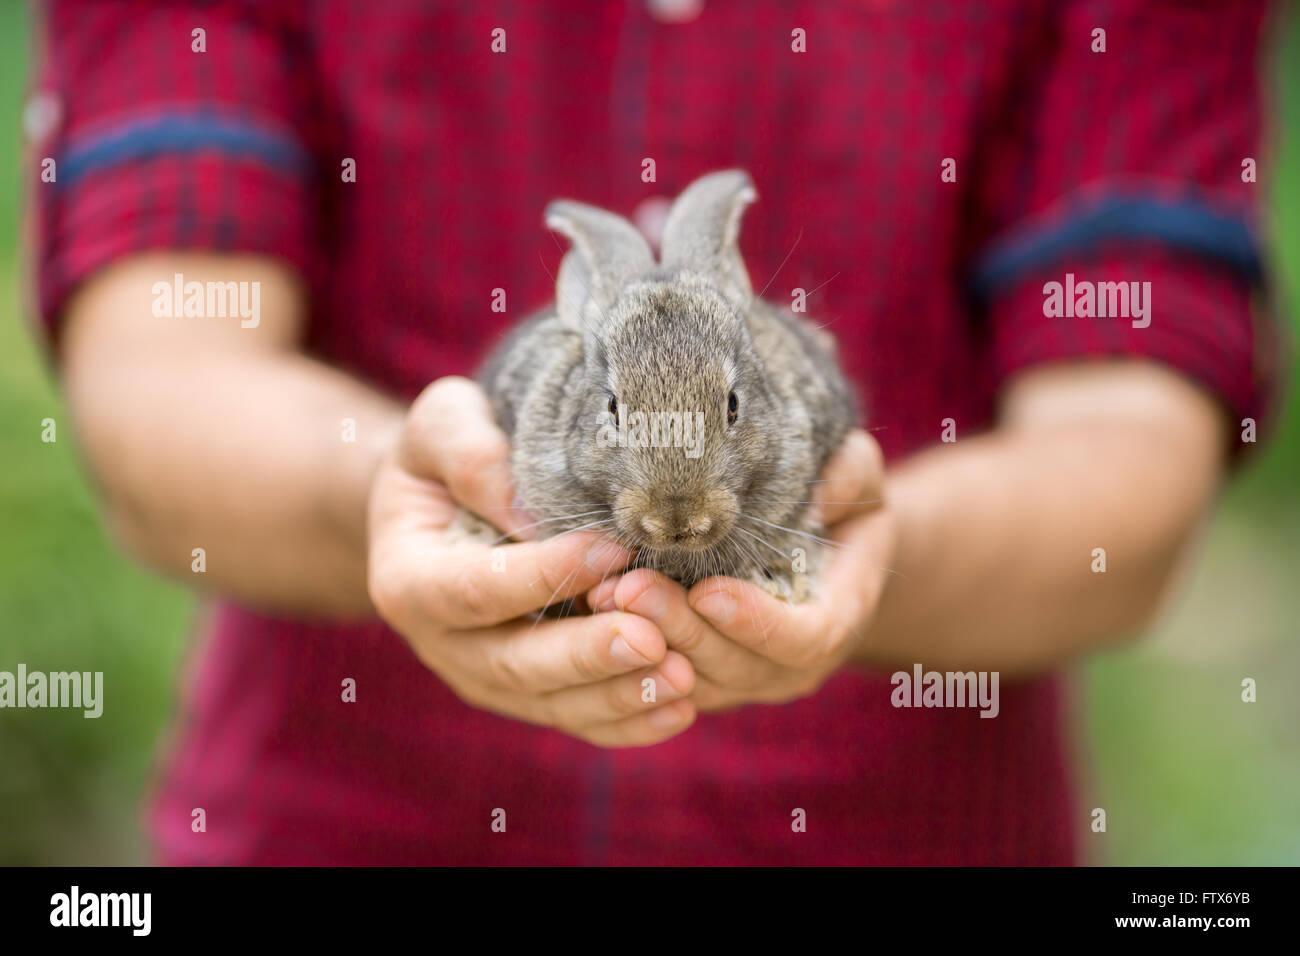 Conejo. Animales y personas. Imagen De Stock